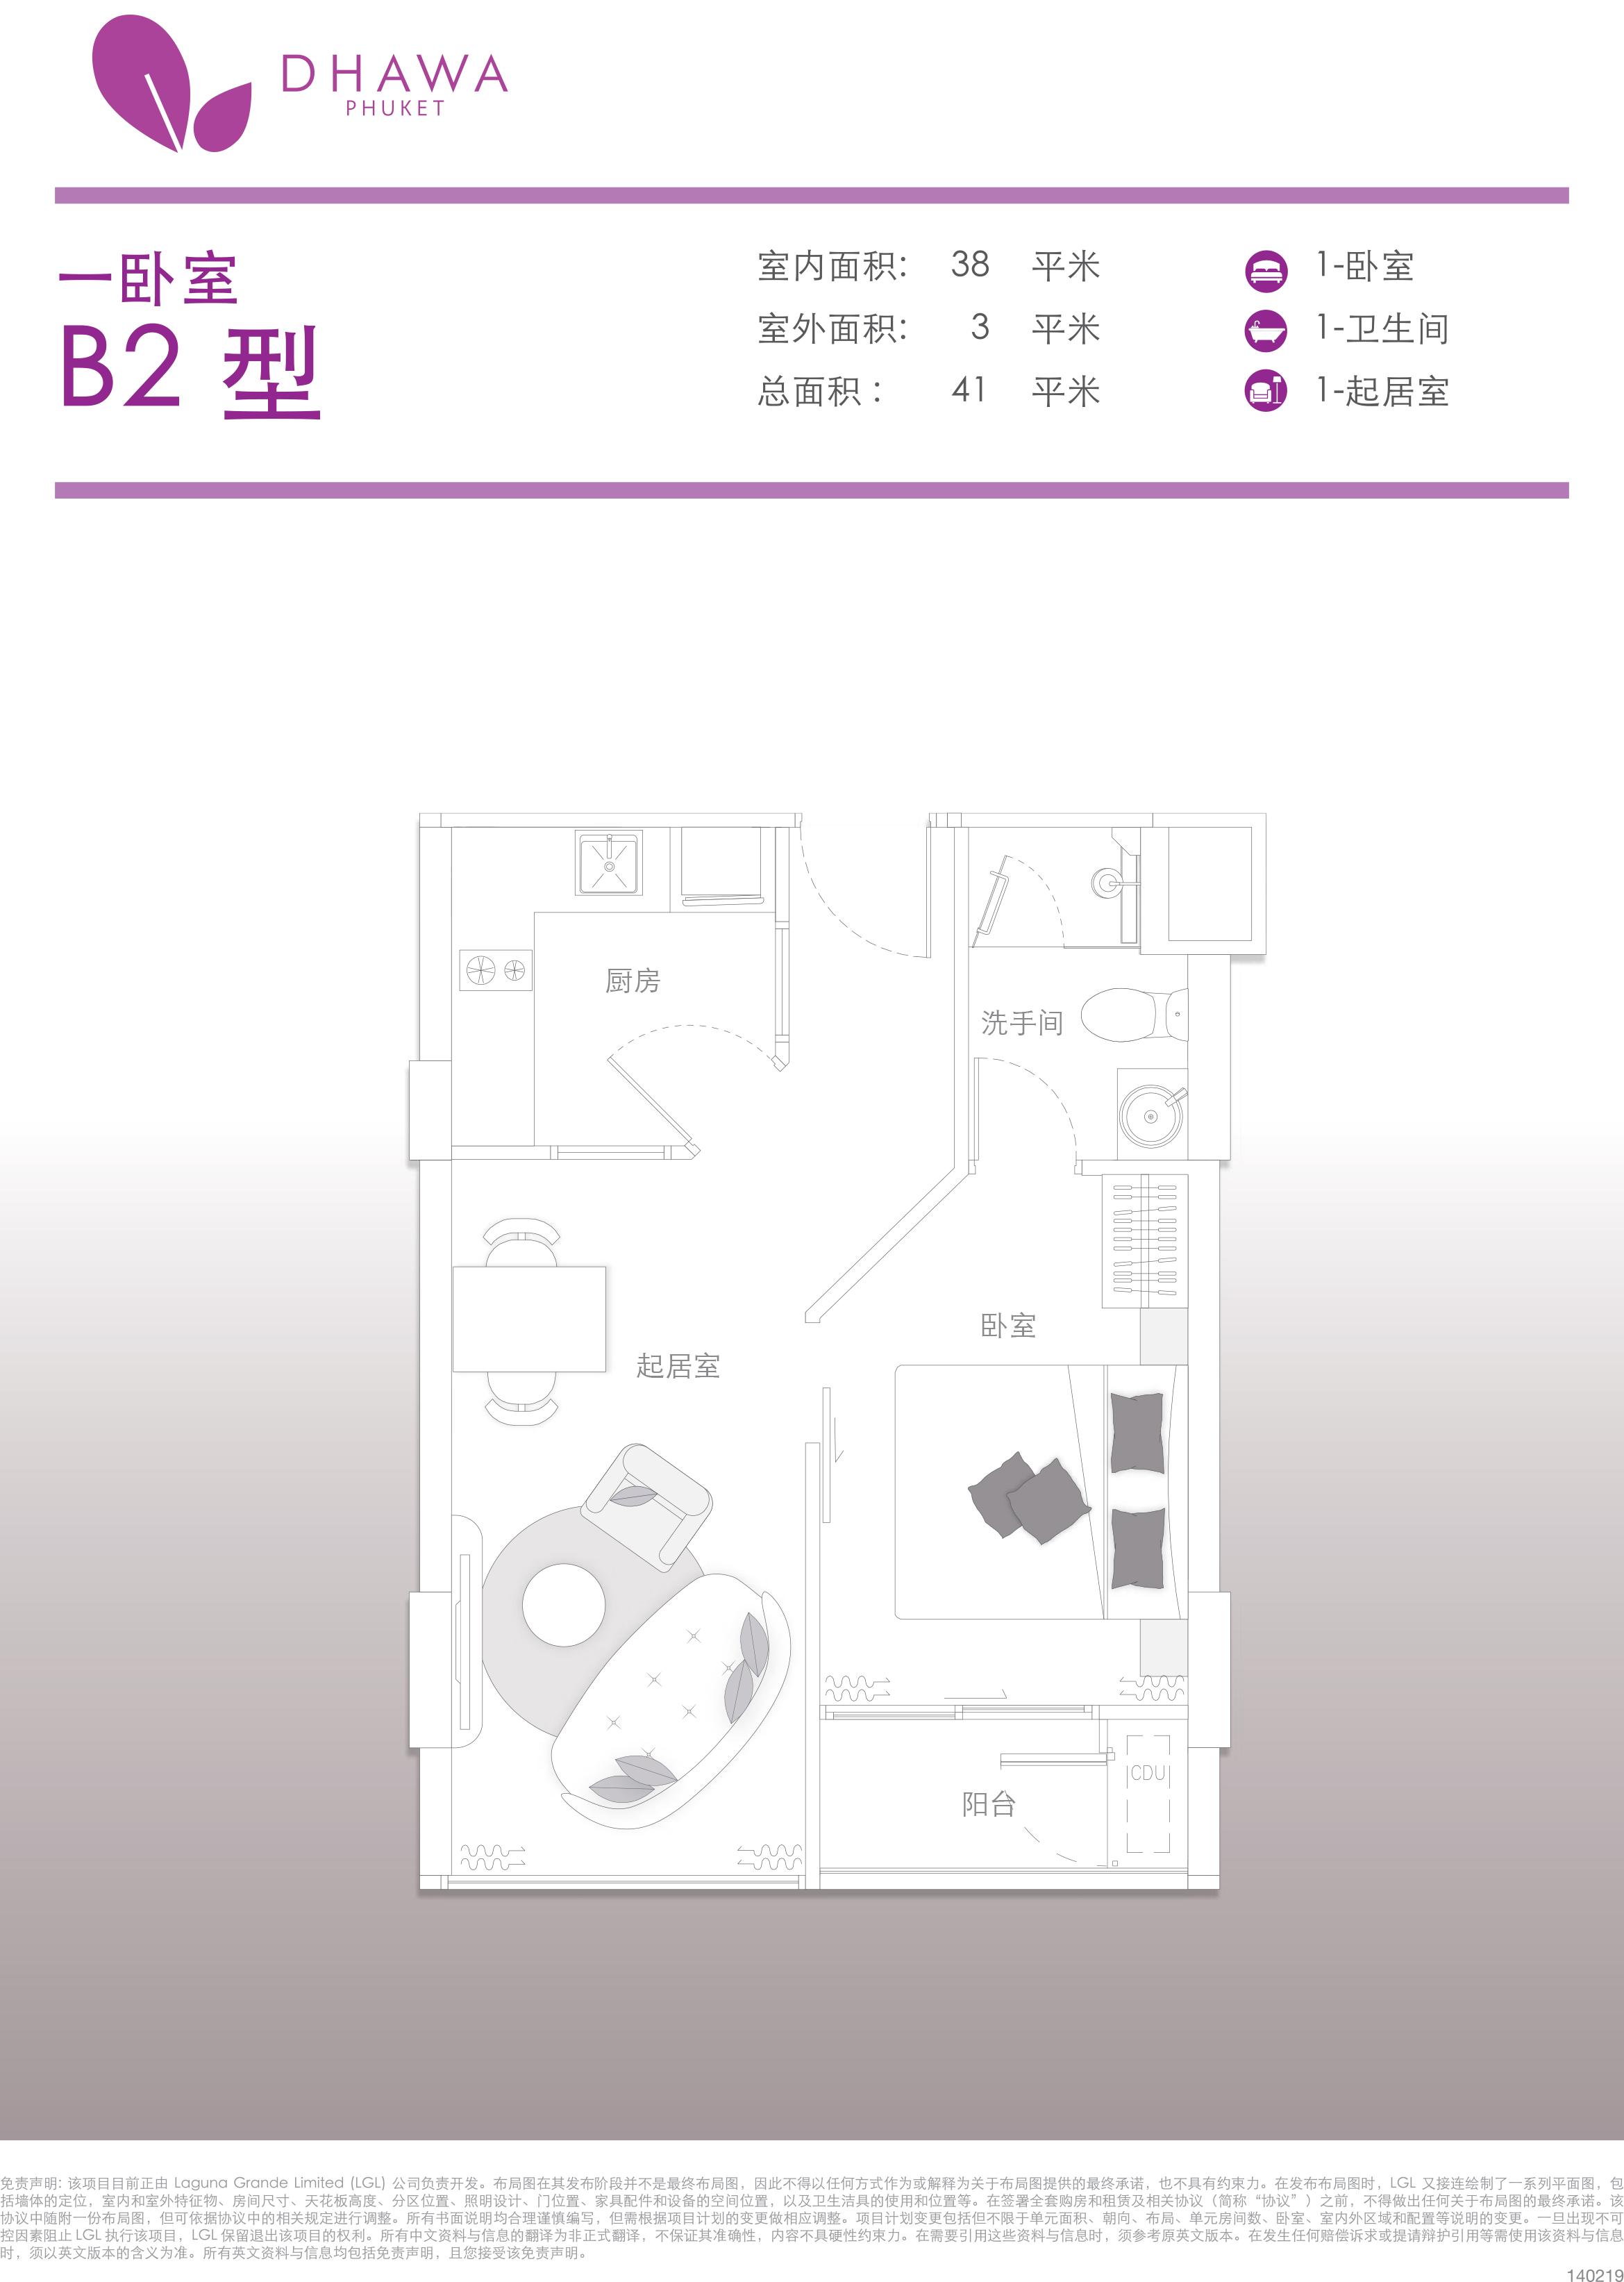 悦榕集团 普吉乐古浪度假湖景酒店公寓 DHAWA 悦苑